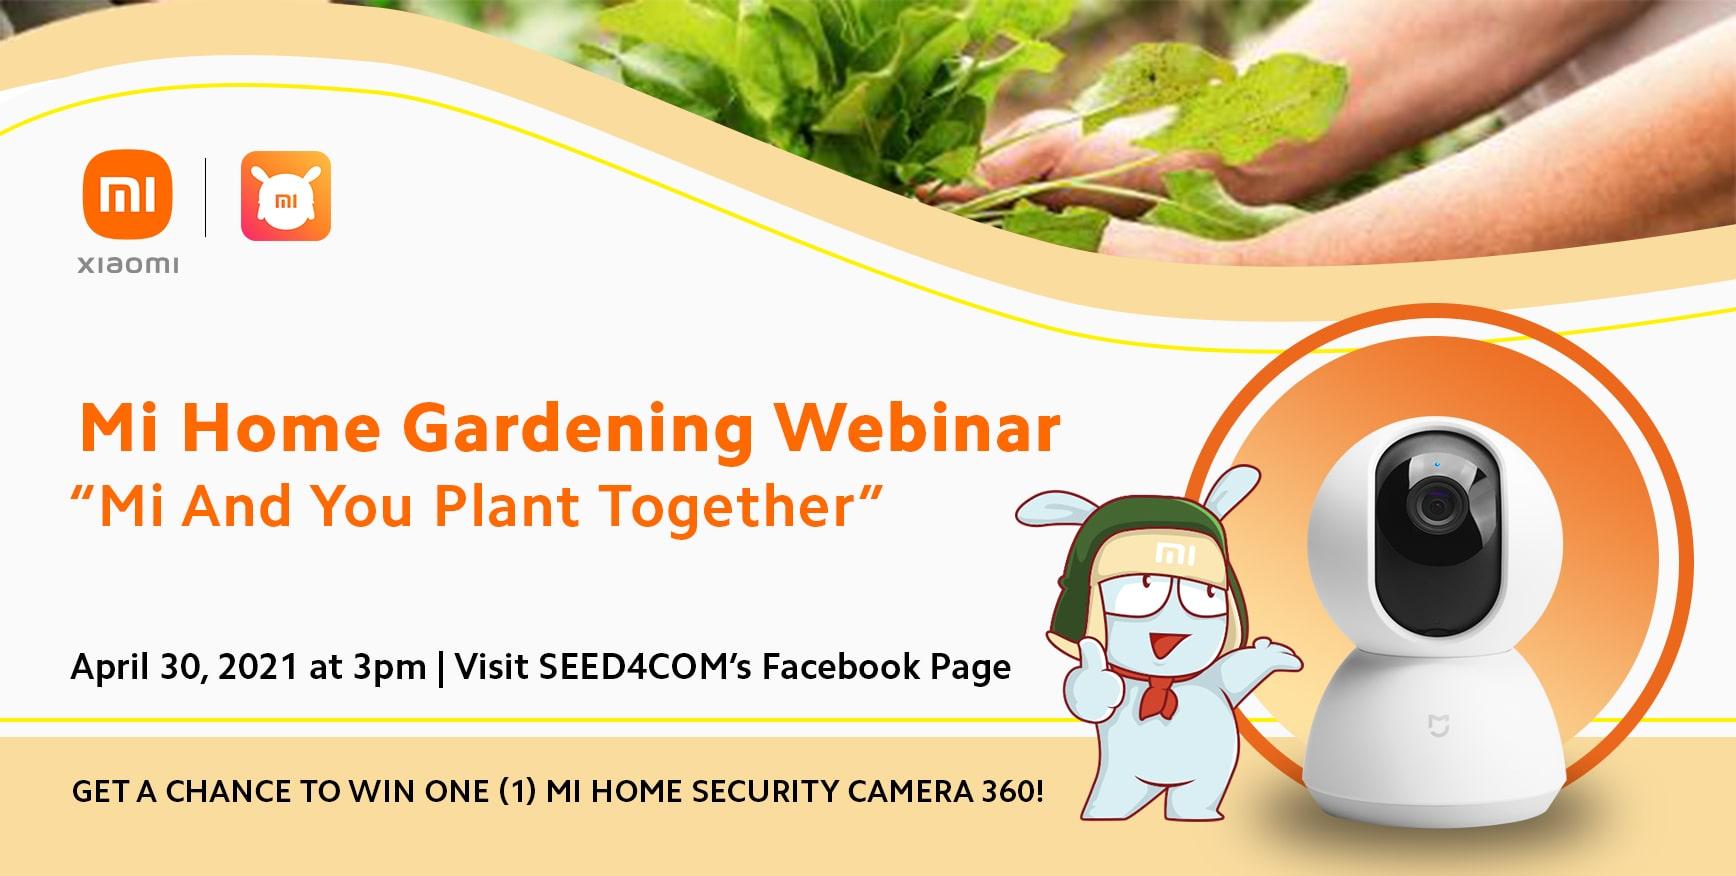 Mi Home Gardening